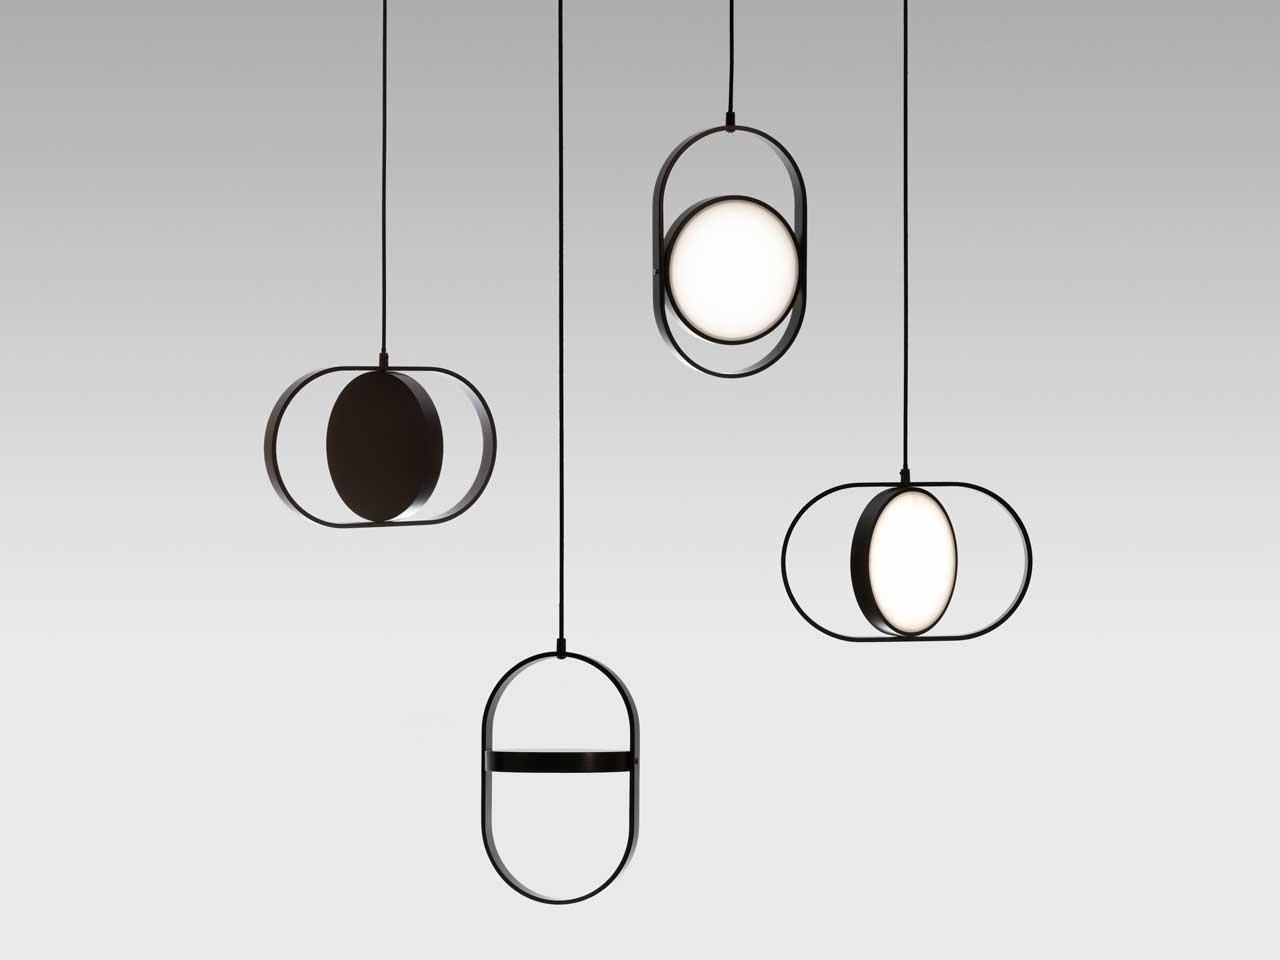 软装饰品丨超时尚可翻转吊灯,以月光为灵感的多功能软装饰品